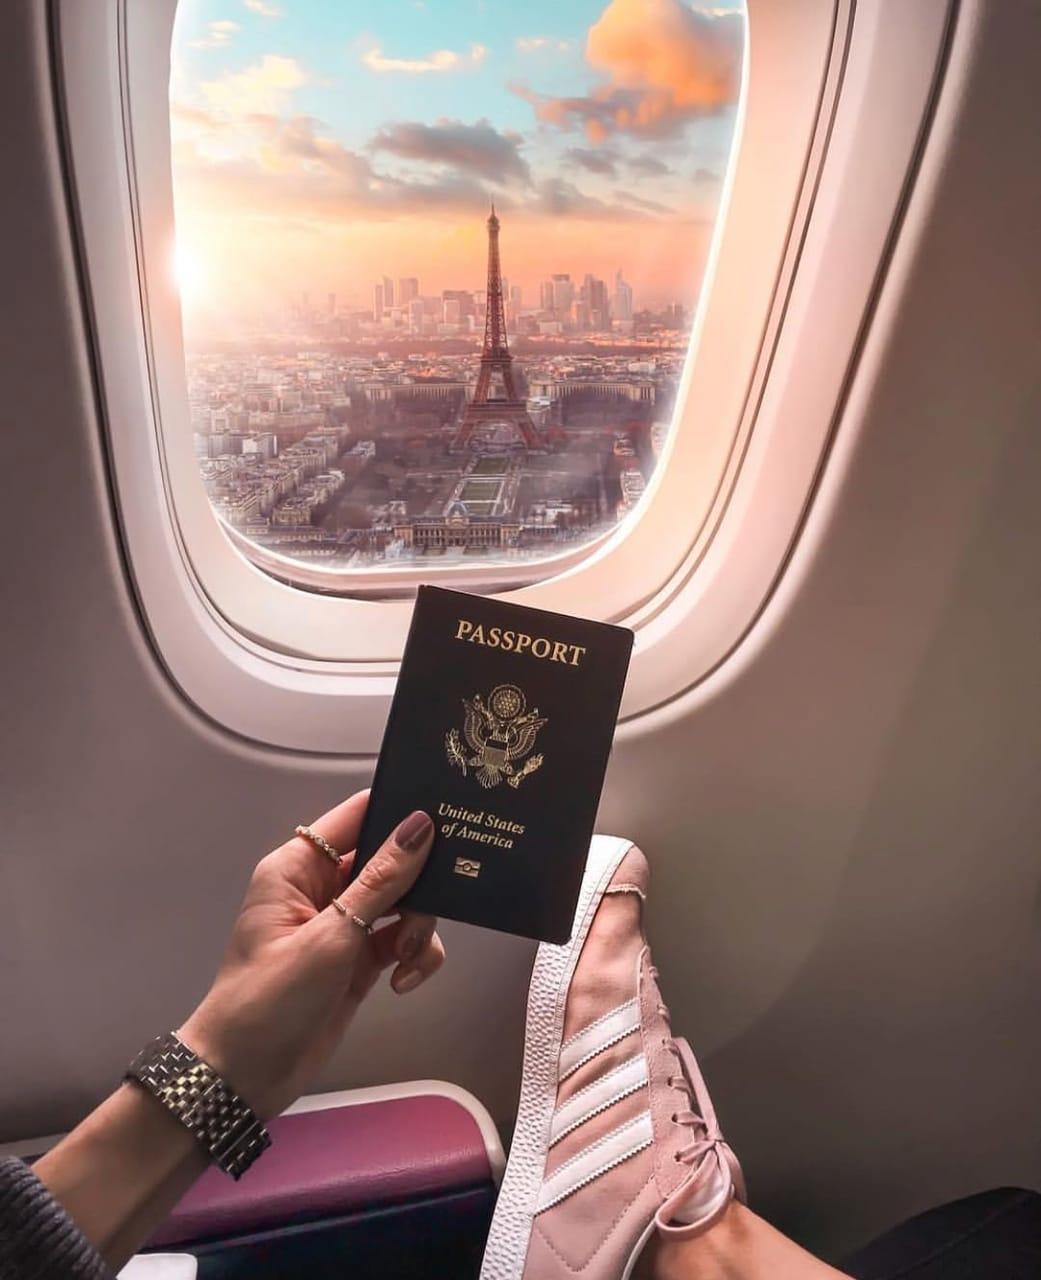 mujer en un avión, mostrando su pasaporte con la Torre Eiffel de fondo